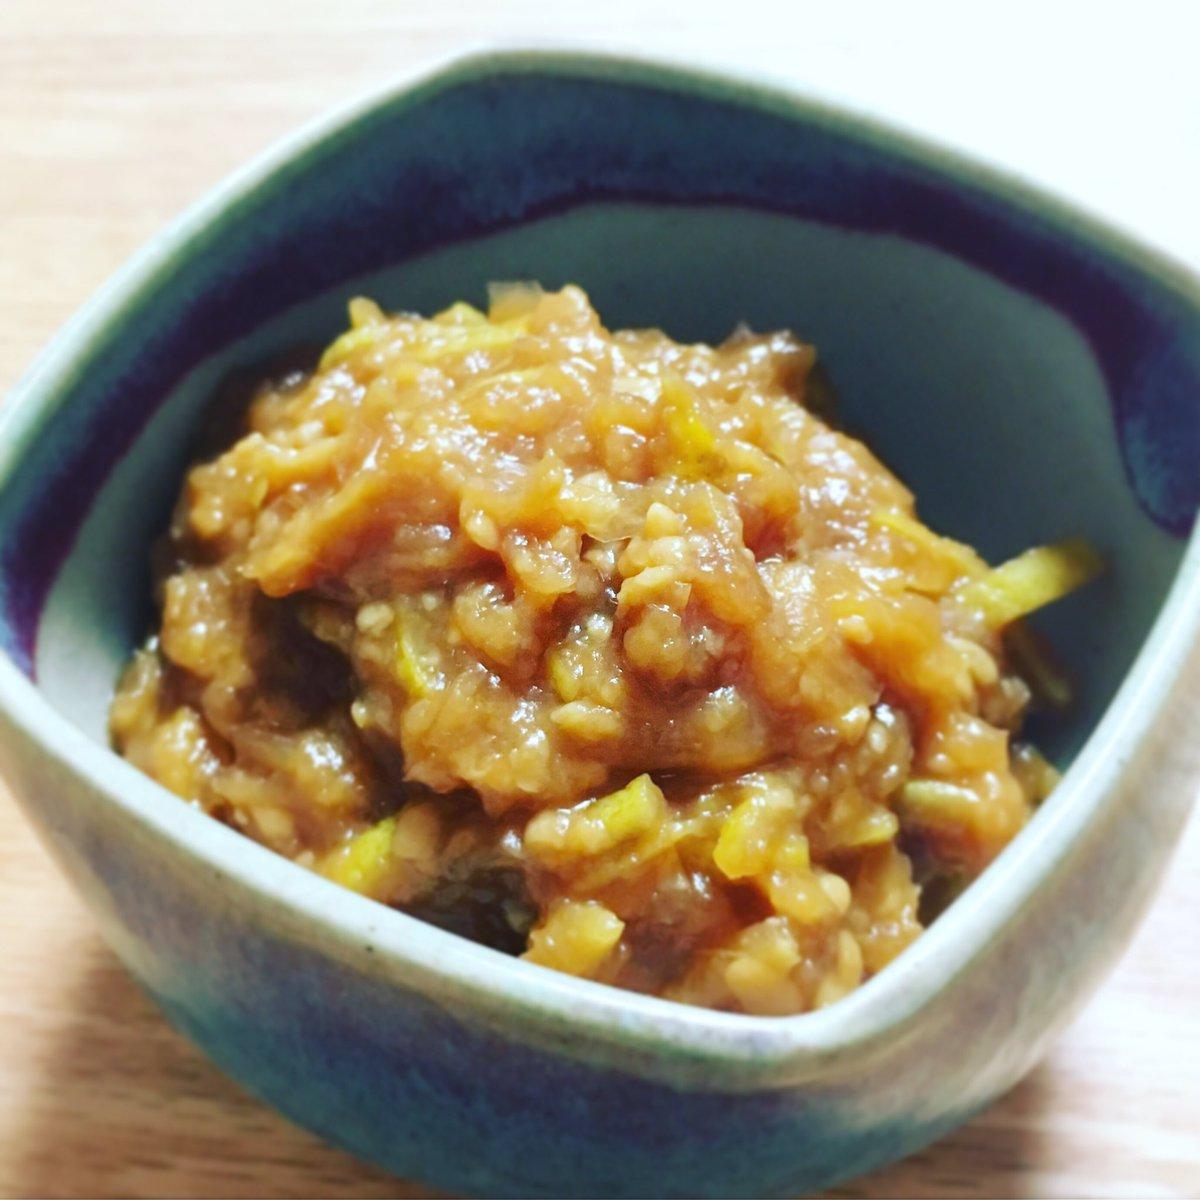 夫のリクエストで柚子味噌を作ってみた。すごい手間ひまかかりそうなイメージがあったけど意外にすぐできた。いただいた柚子がレシピで想定されてるより随分小さかったみたいで味噌色の仕上がりになったけど、甘さ控えめで美味しい。ご飯に合う参考にしたレシピ→  #cookpad